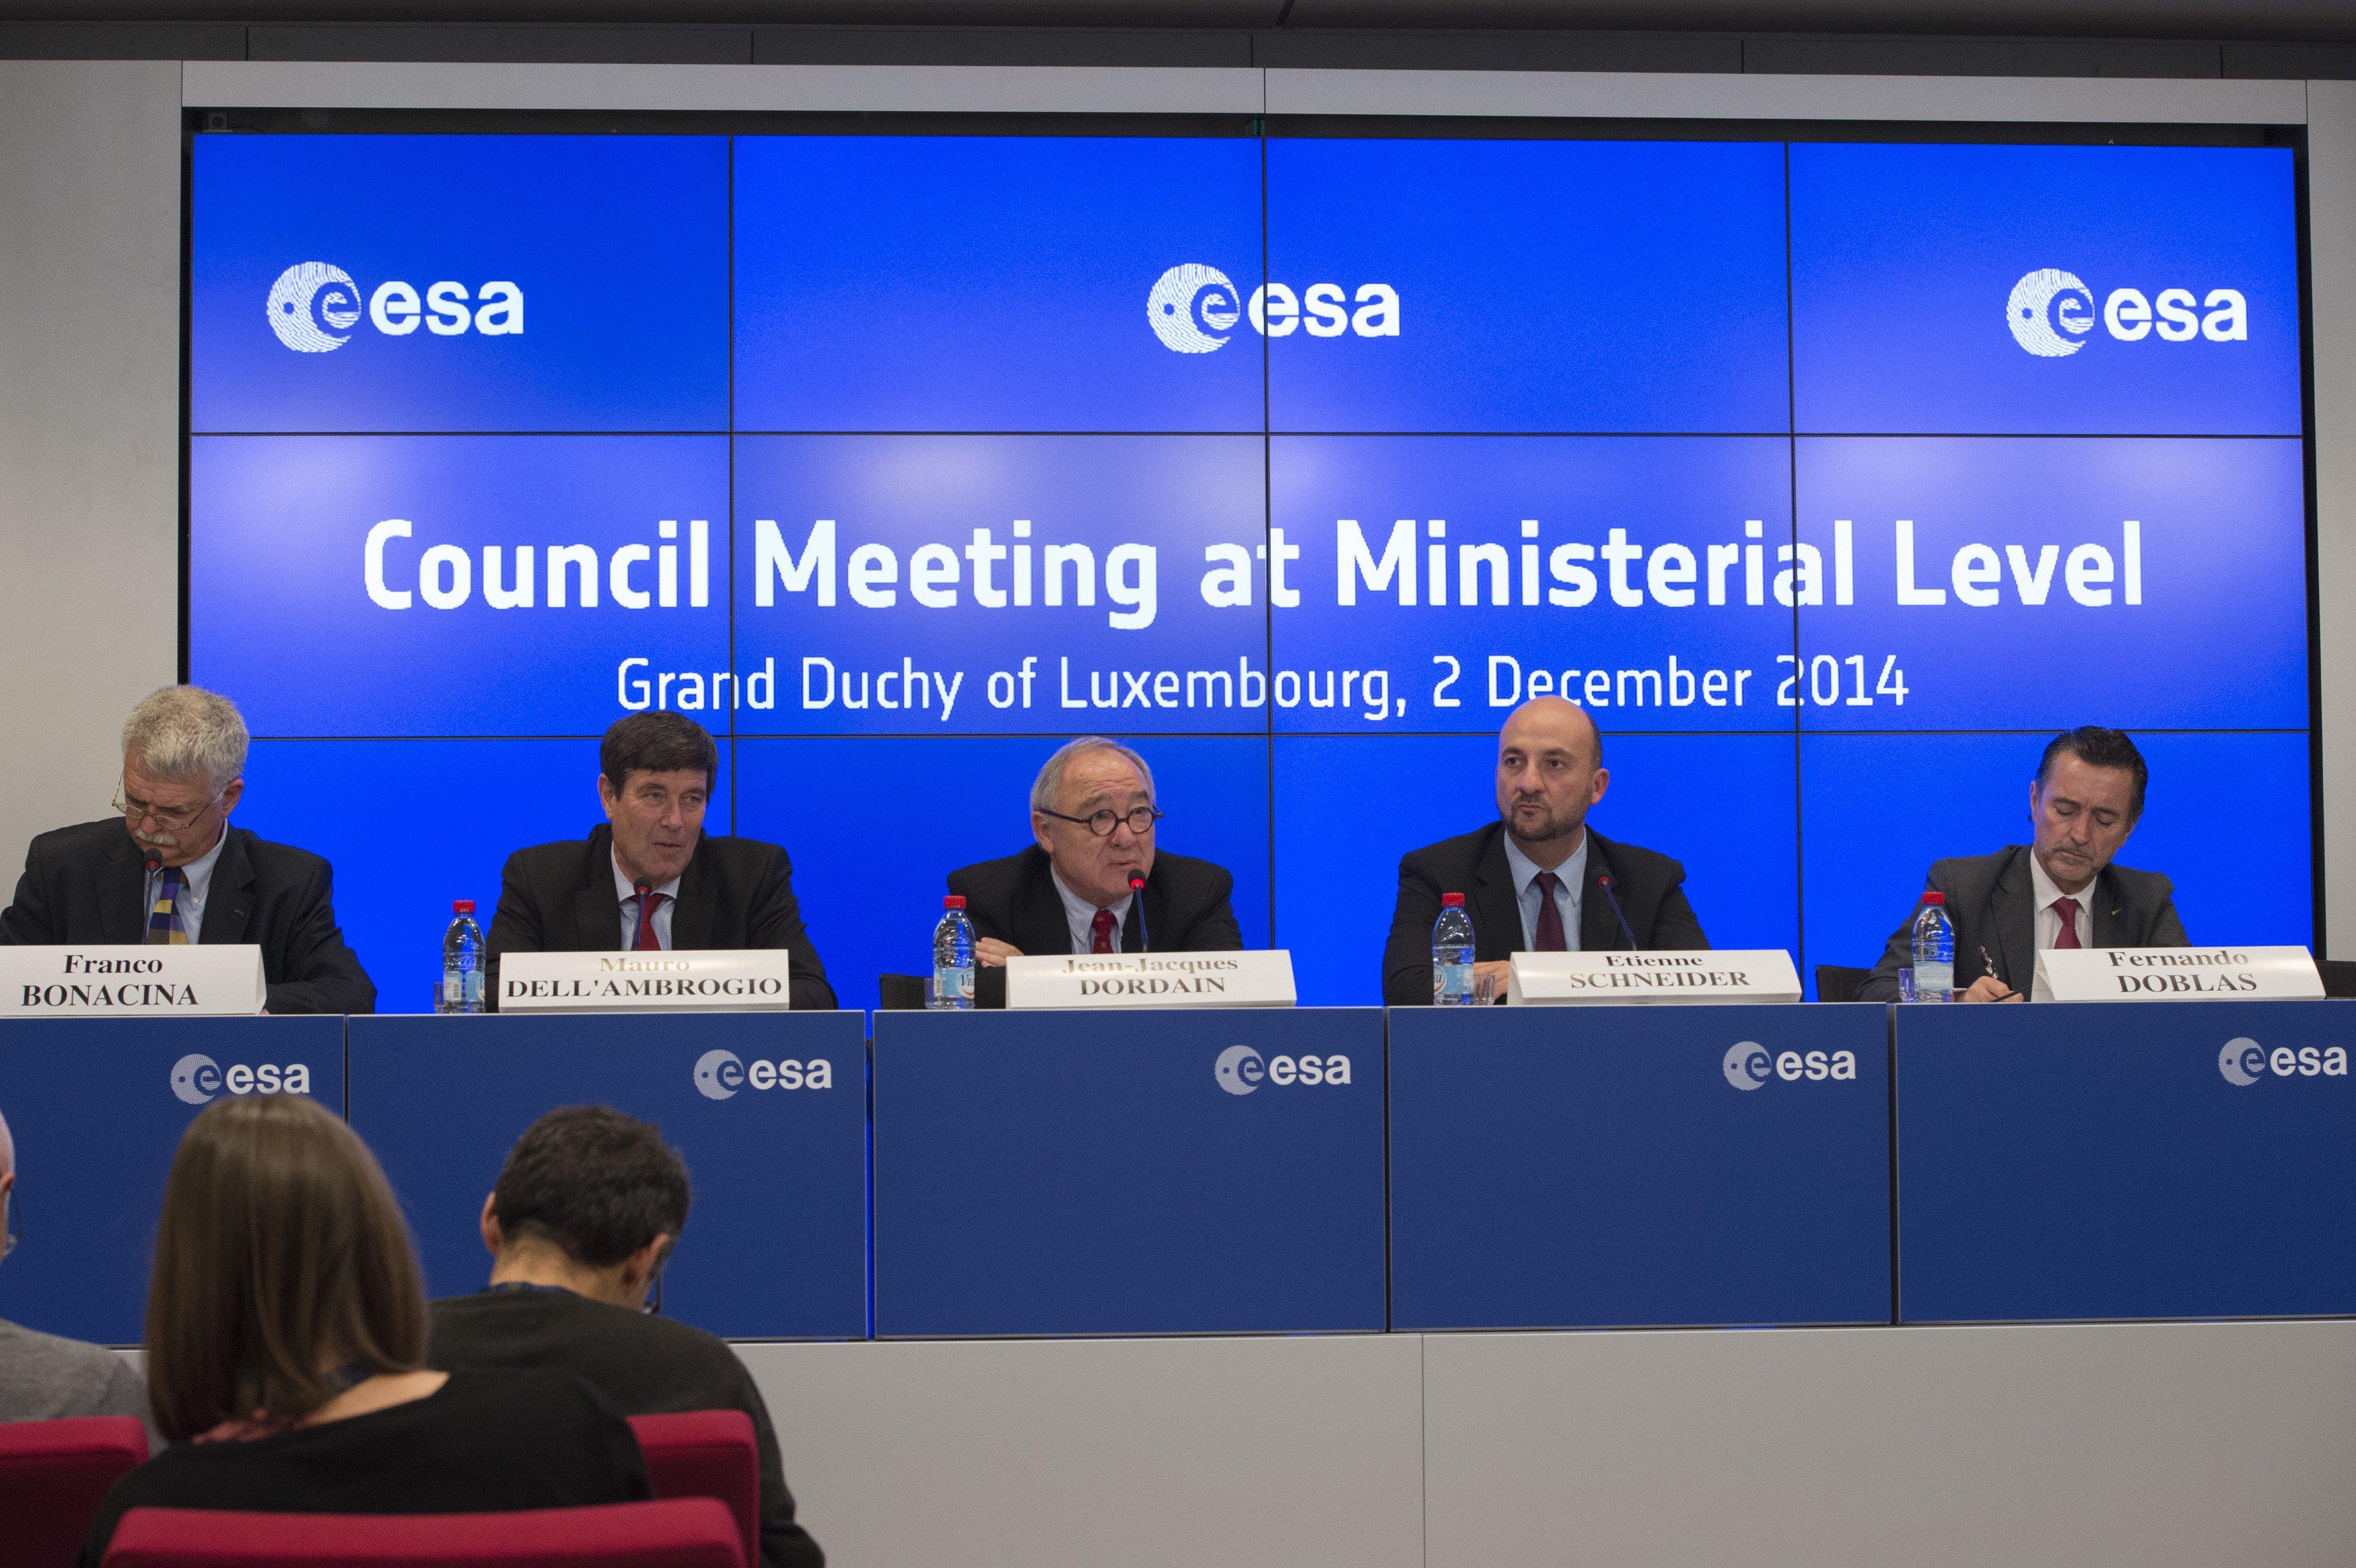 Die Minister der 20 Mitgliedsstaaten der Europäischen Weltraumorganisation ESA stellten gestern die Weichen für die Zukunft des europäischen Weltraumprogramms.